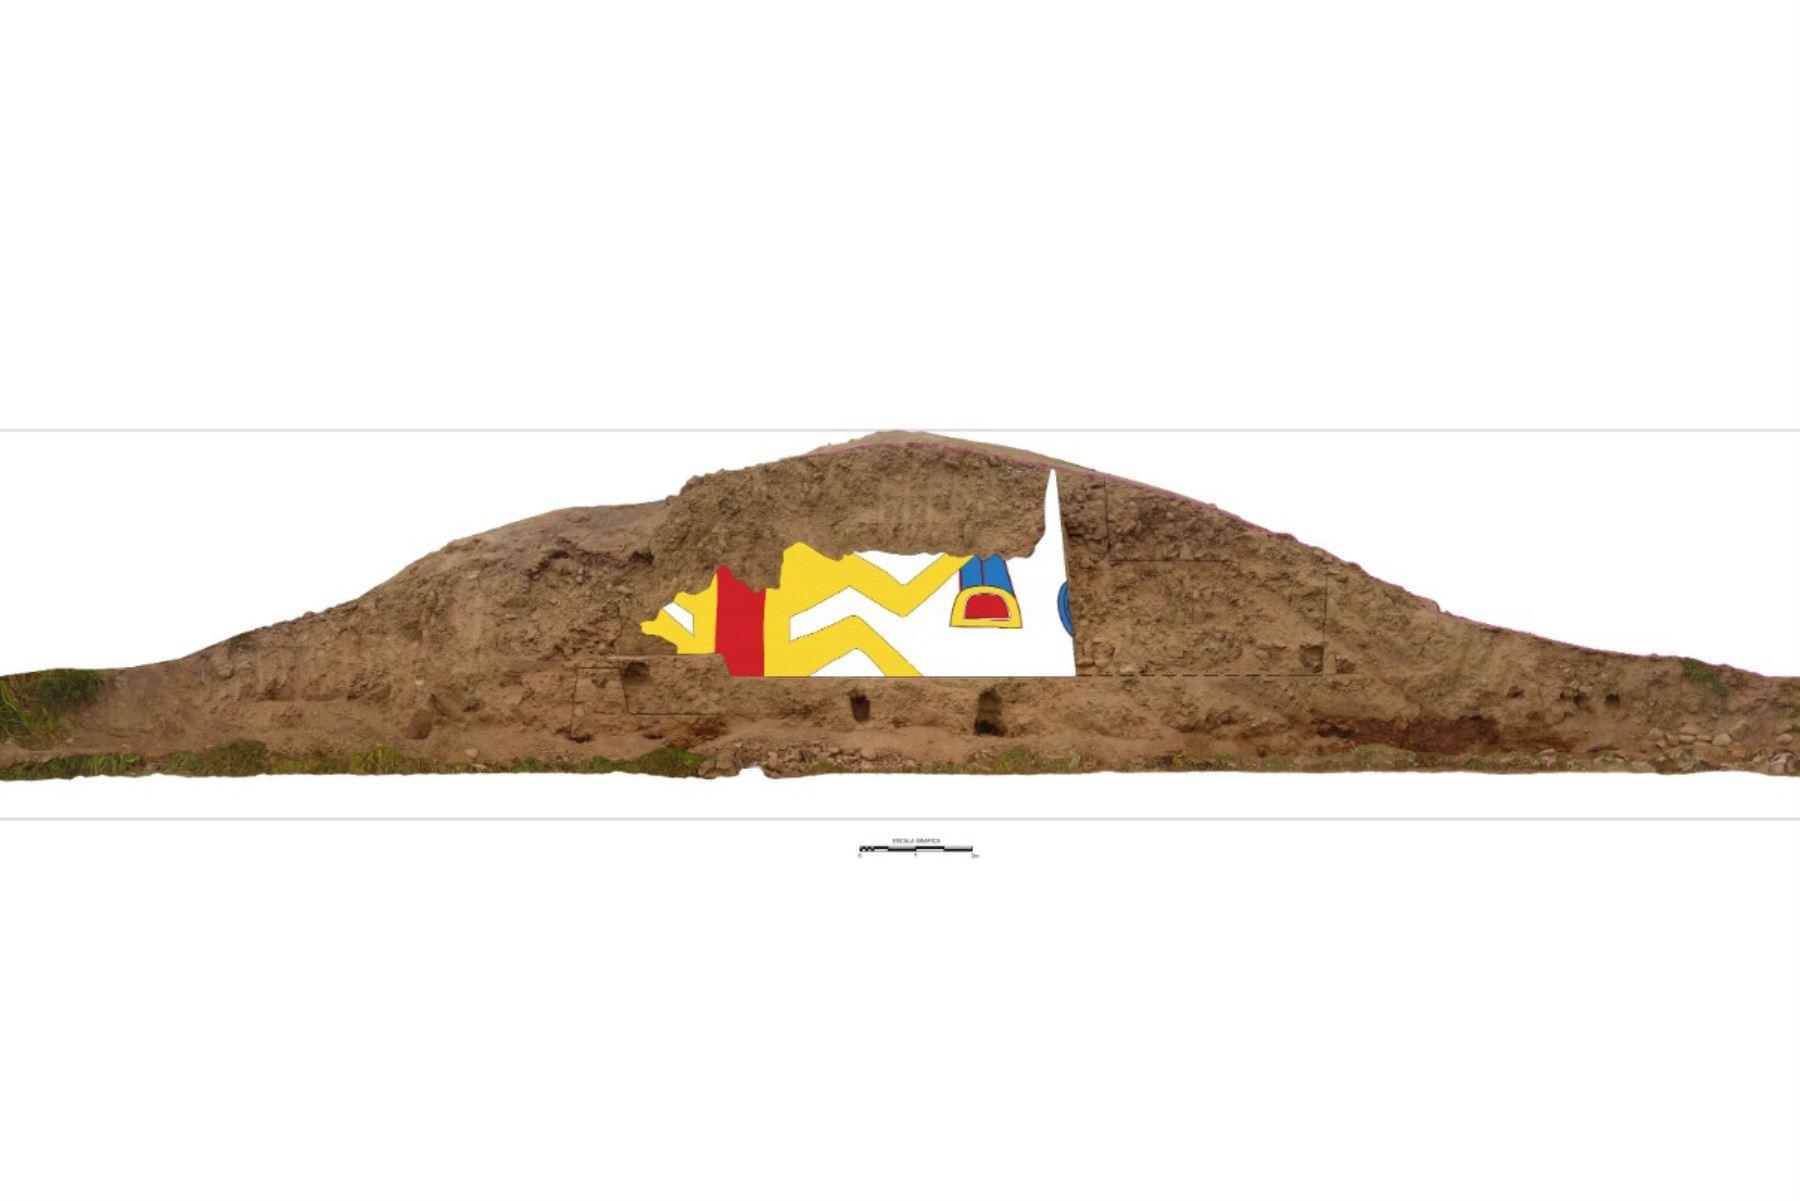 En medio de cultivos de palta y caña de azúcar, en el corazón del valle de la provincia de Virú, región La Libertad, se encuentra una huaca en cuya fachada sur exhibe una pintura mural de más de más de 3,200 años de antigüedad que pertenecería a la cultura Cupisnique. Foto: Feren Castilla